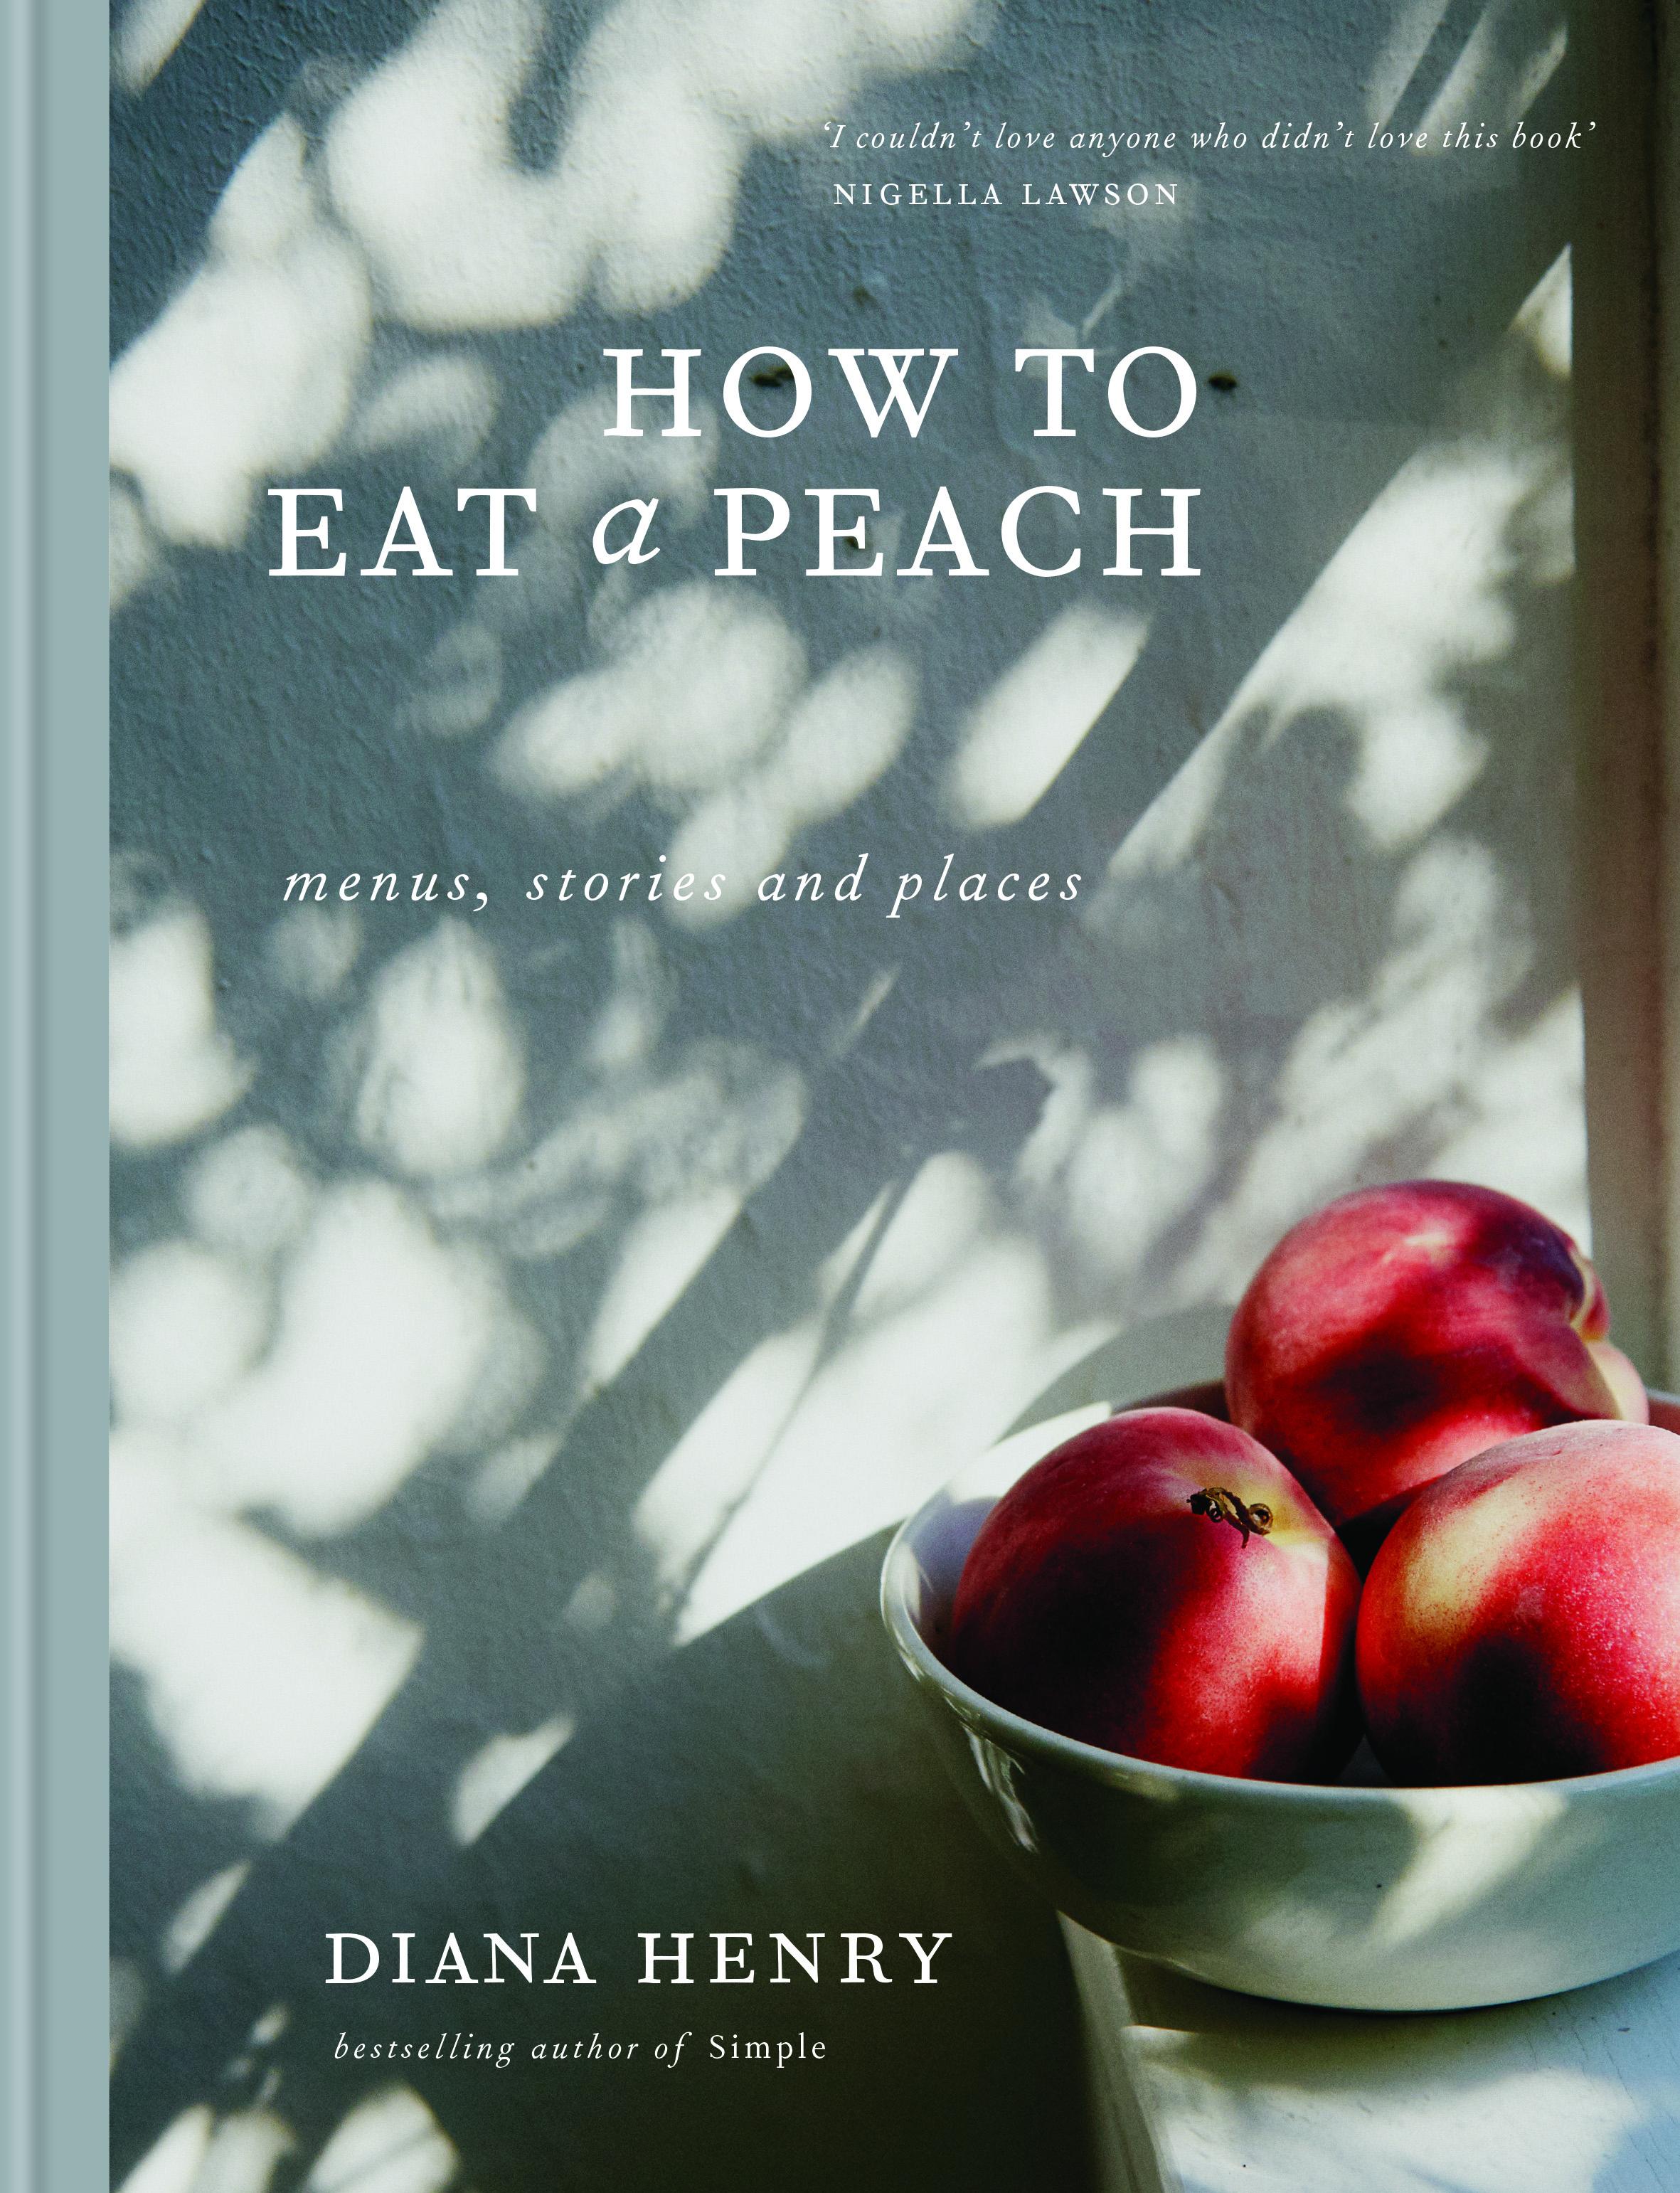 How to Eat a Peach book photo 2.jpg